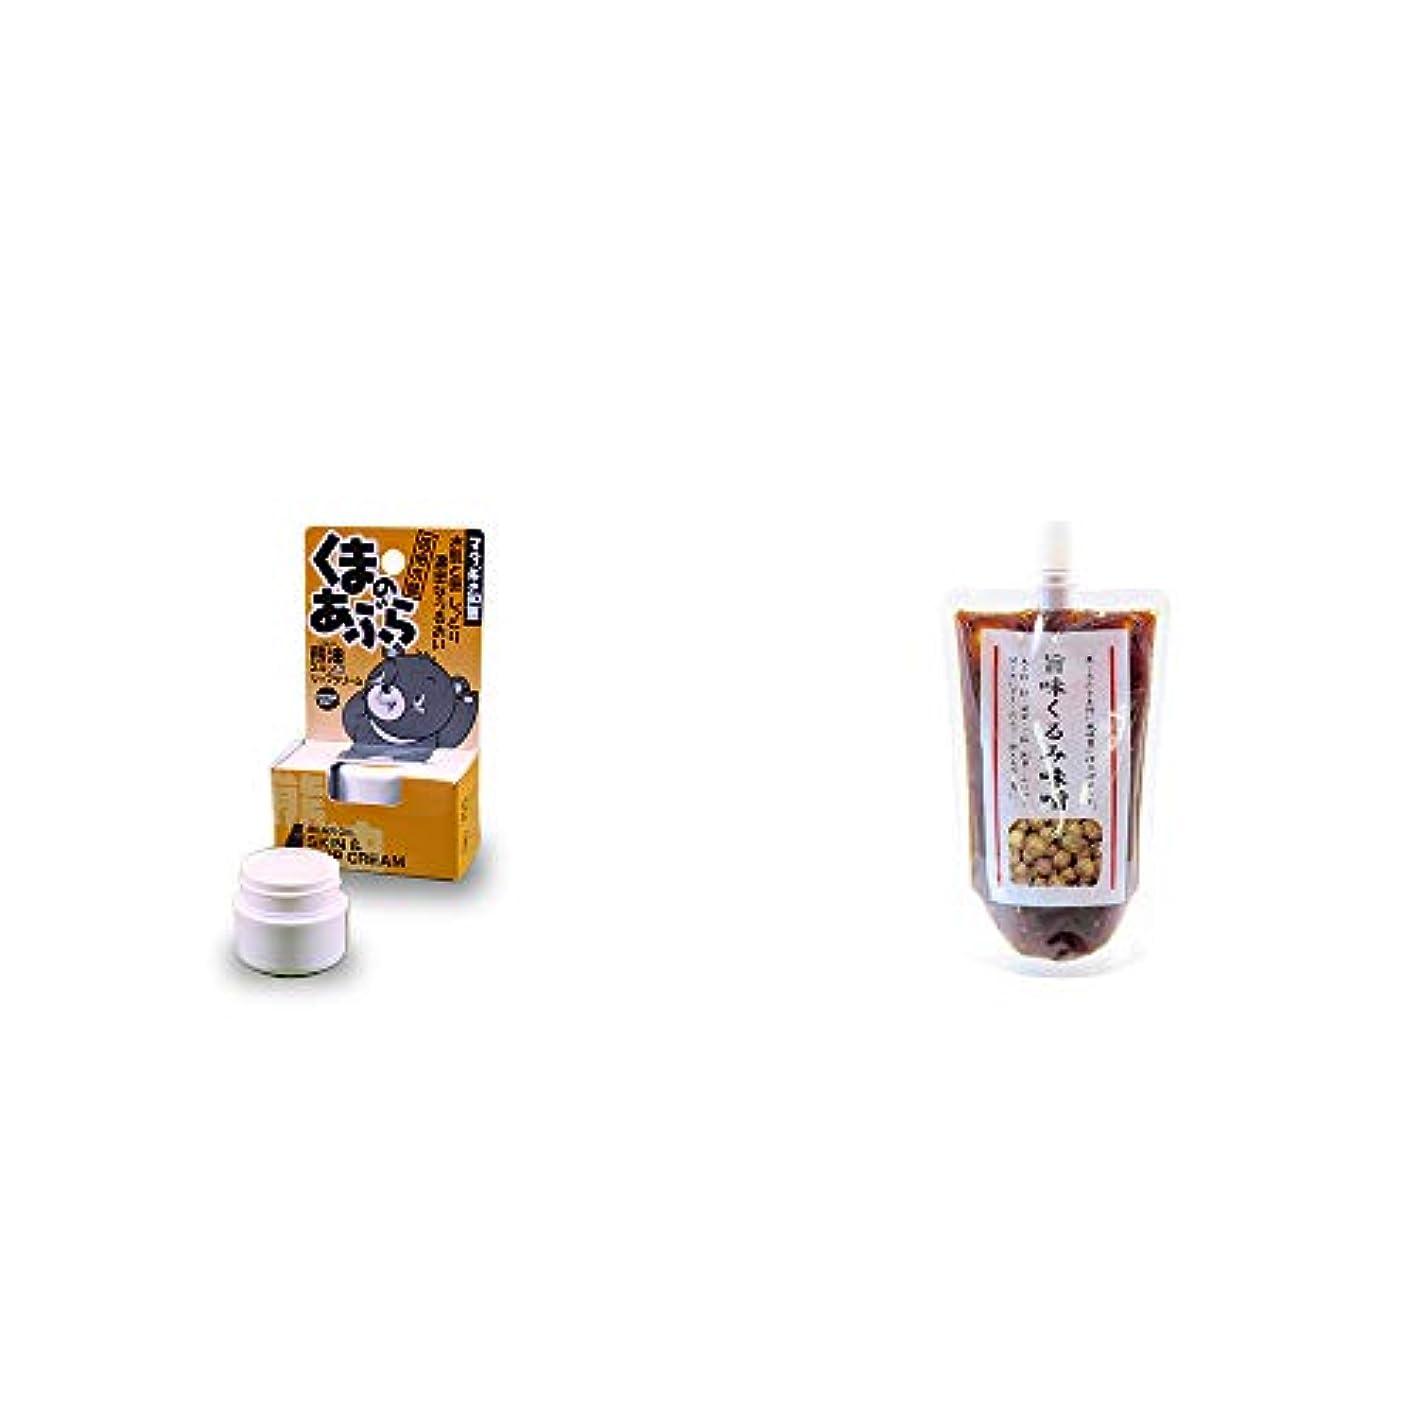 奨励転倒お世話になった[2点セット] 信州木曽 くまのあぶら 熊油スキン&リップクリーム(9g)?旨味くるみ味噌(260g)